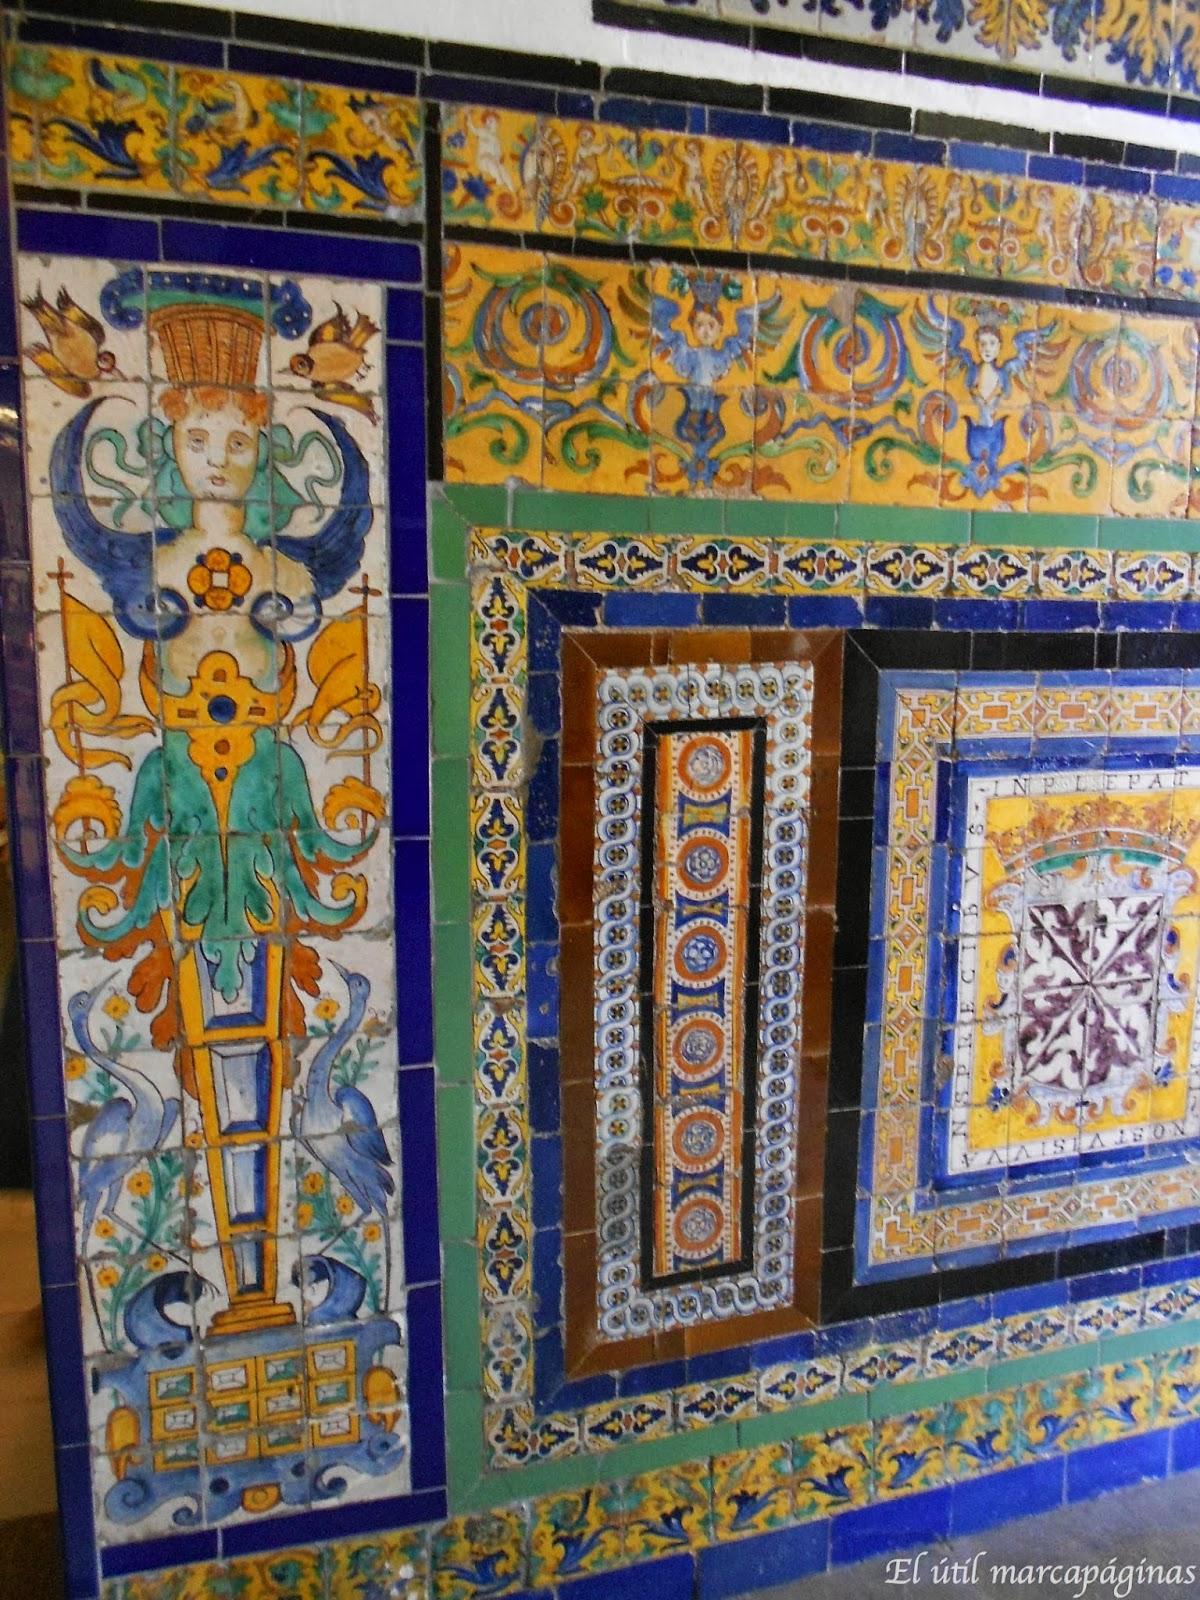 El til marcap ginas azulejos en el museo de bellas artes for El rey de los azulejos